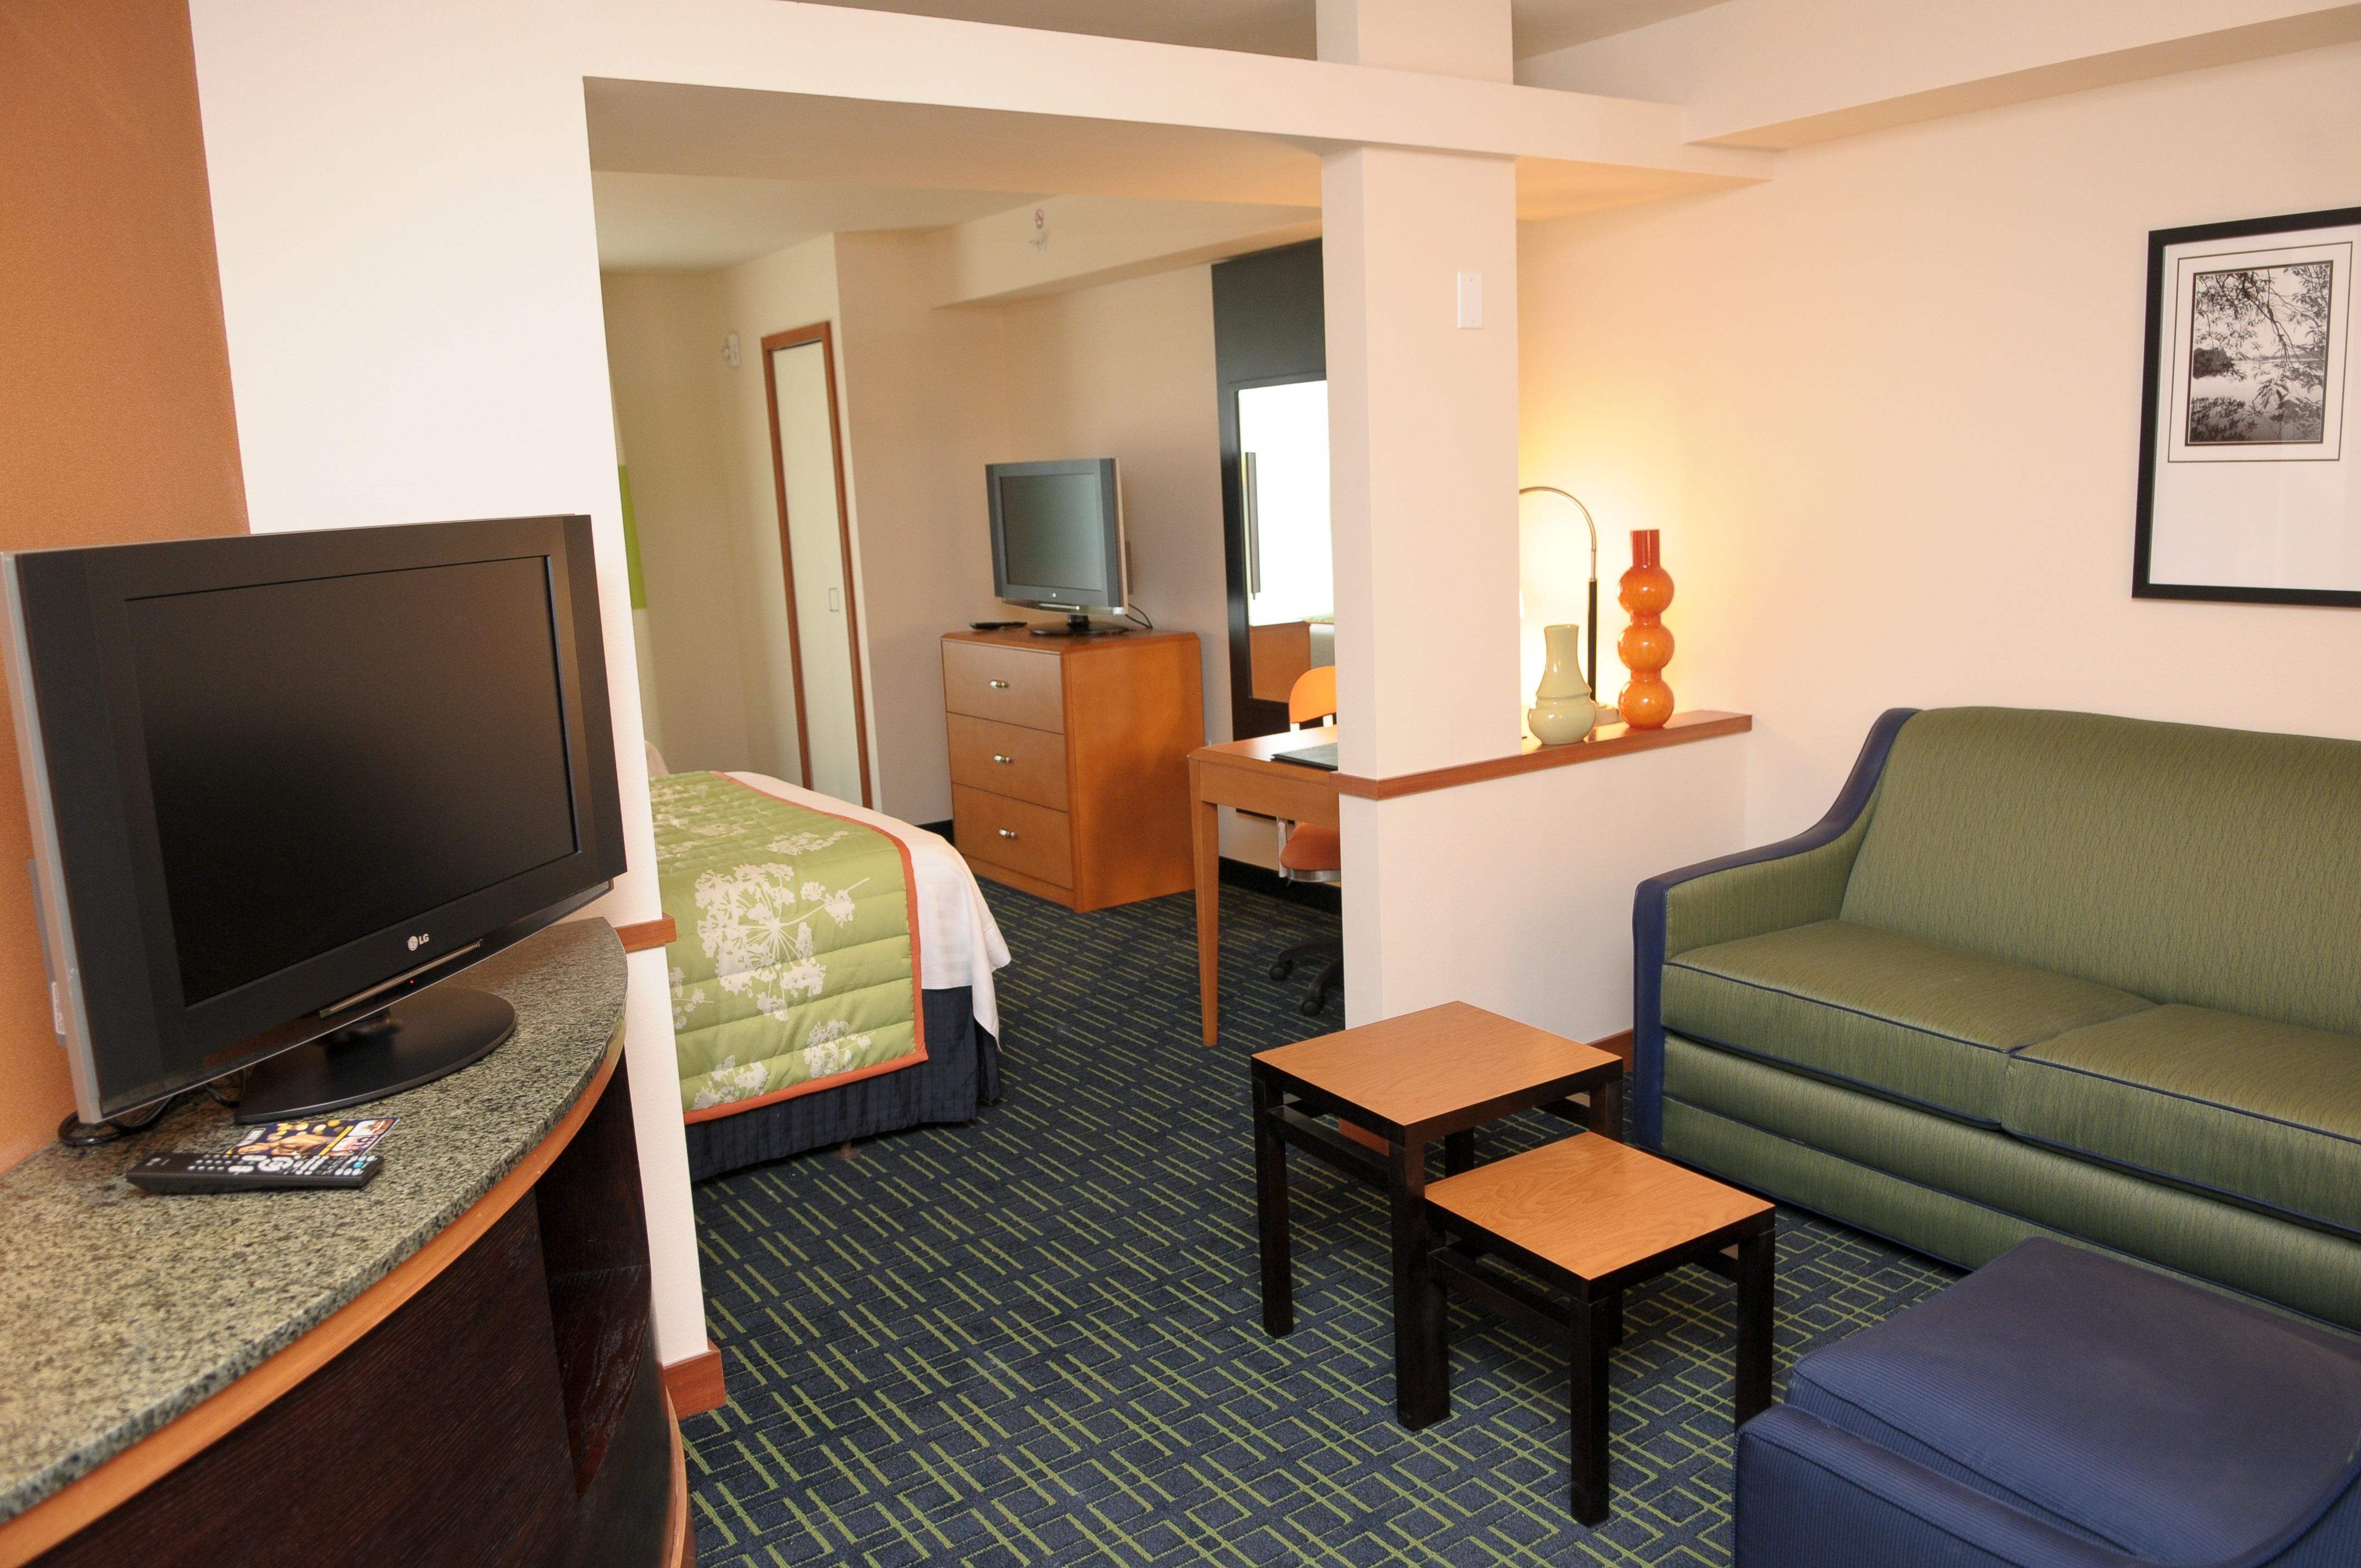 Fairfield Inn & Suites Portland North image 6